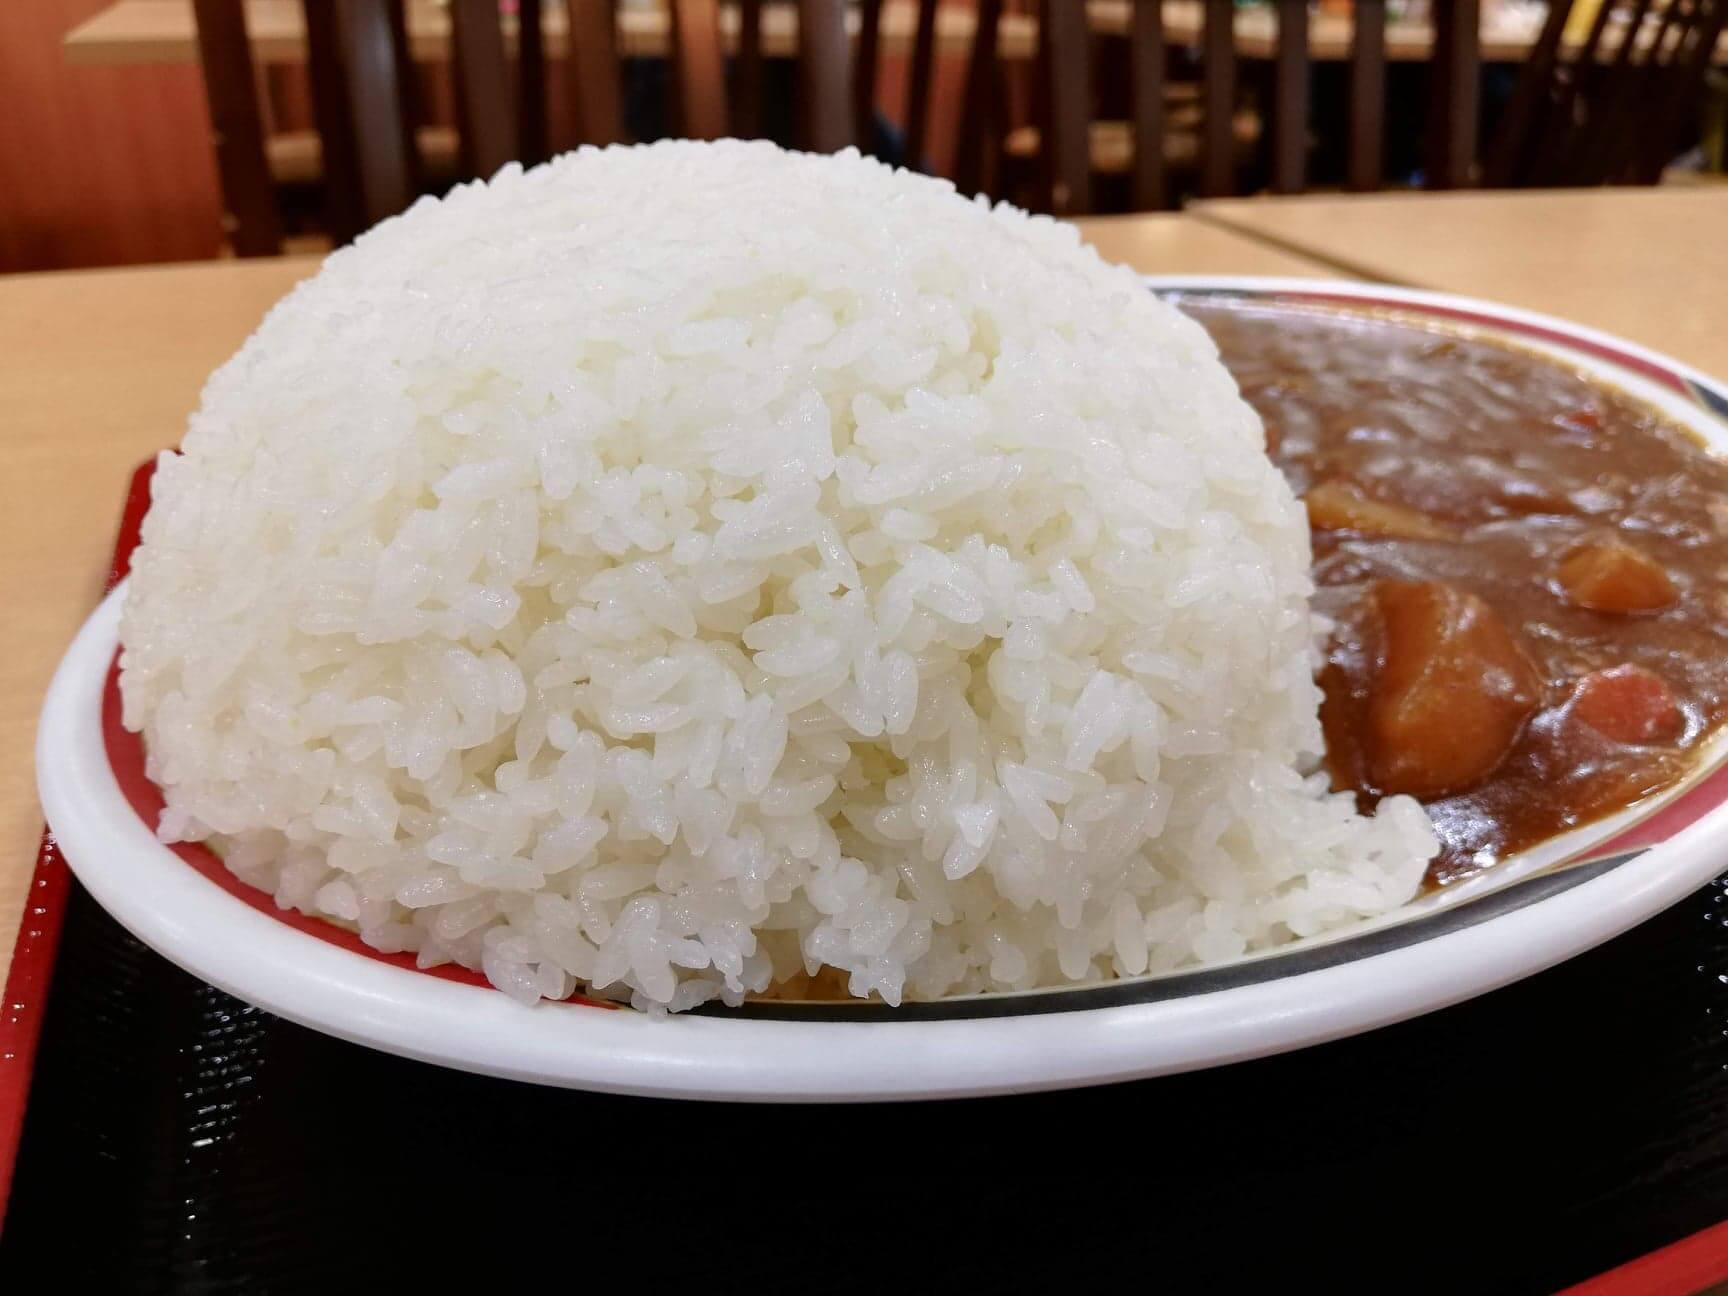 宮城県仙台市『大衆食堂半田屋東口BiVi店』の1キロカレーのライスのアップ写真